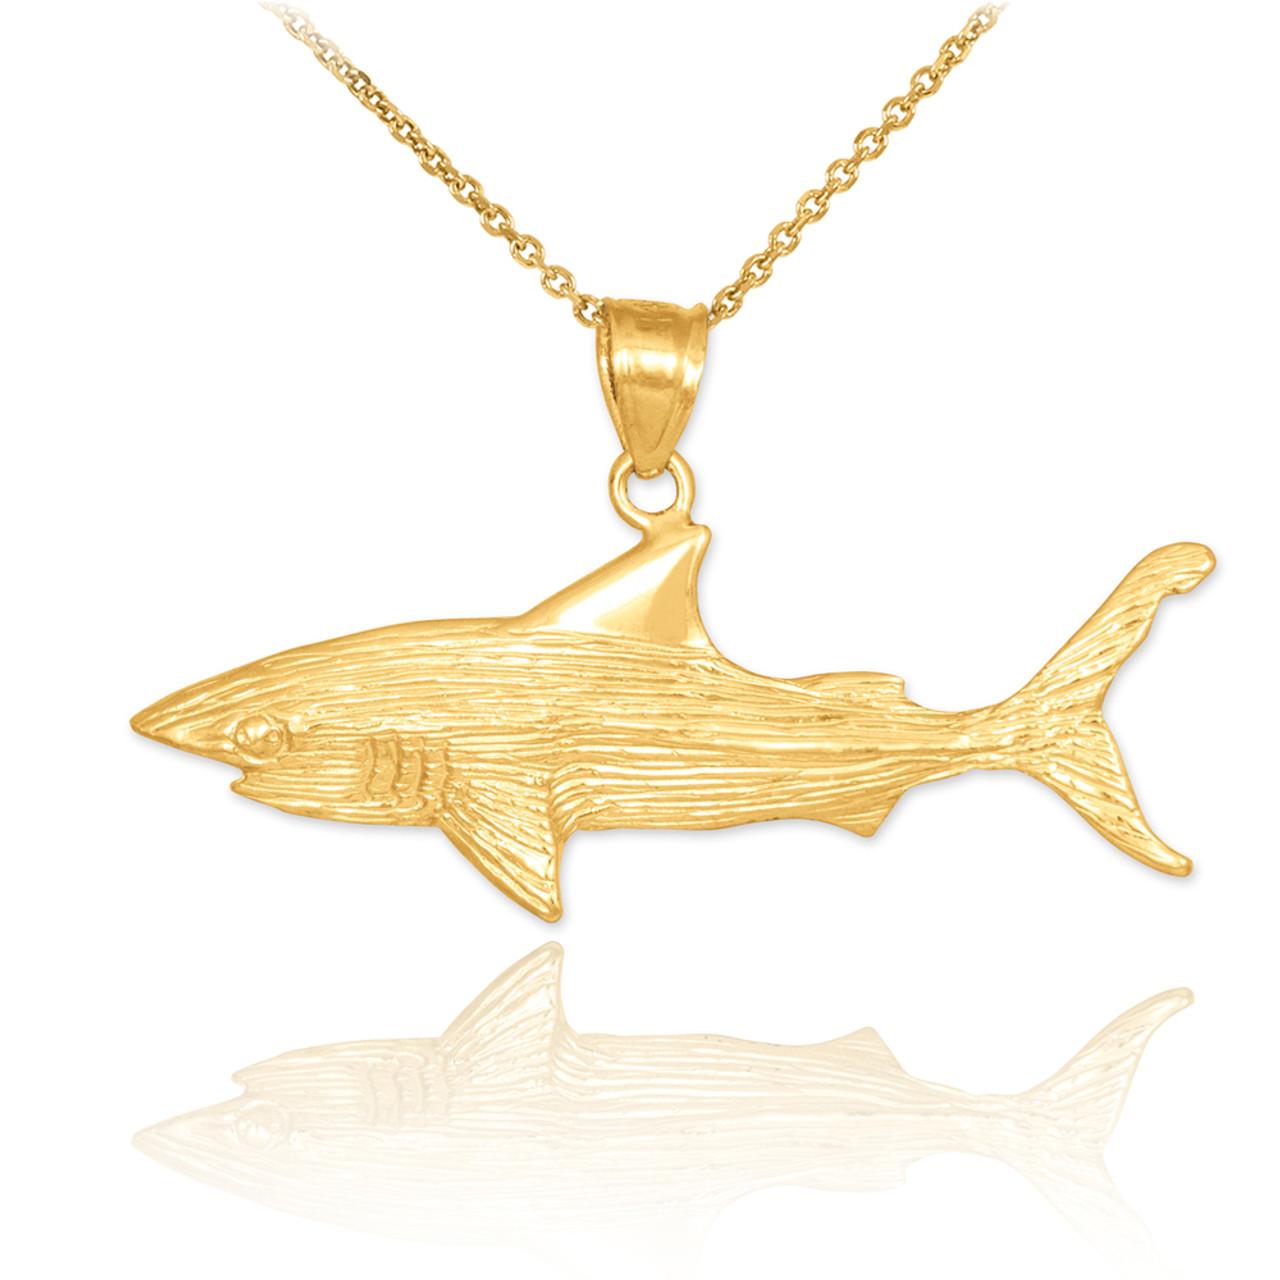 d674f12b65bba Gold Shark Textured Pendant Necklace